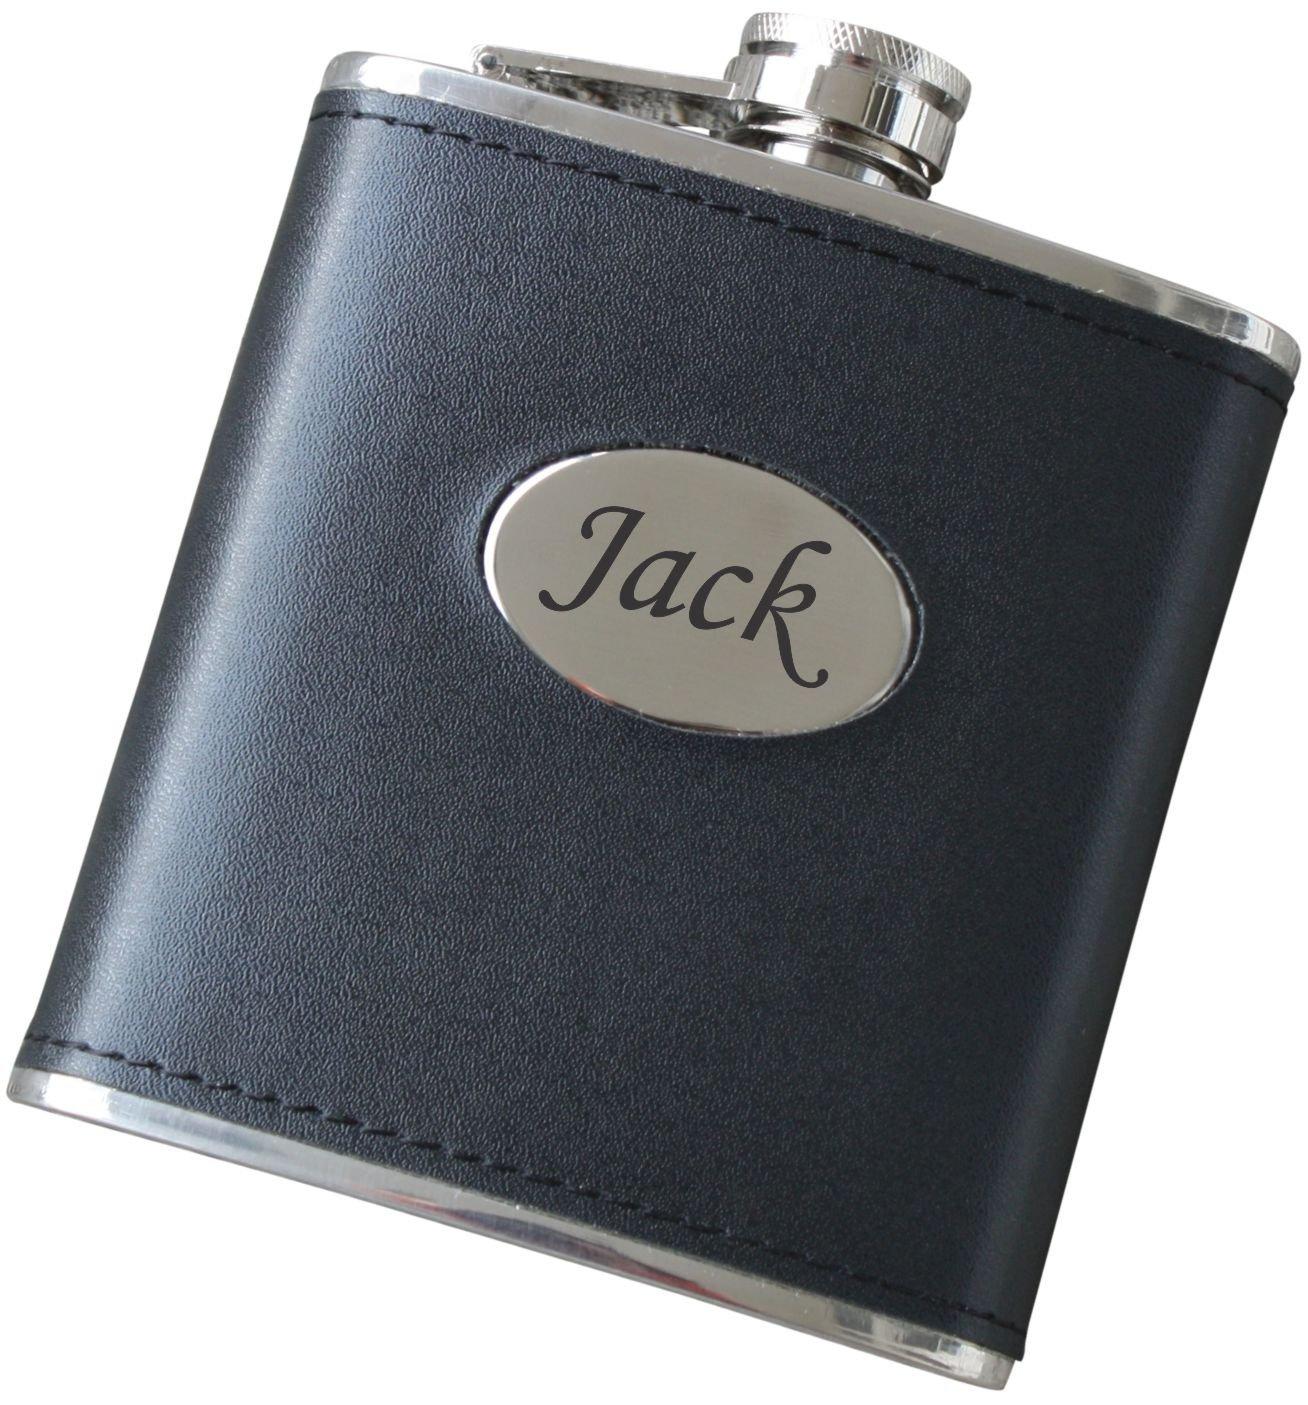 Personalized Stainless Steel Flask for Husband, Boyfriend, Groomsmen - F01FSK127